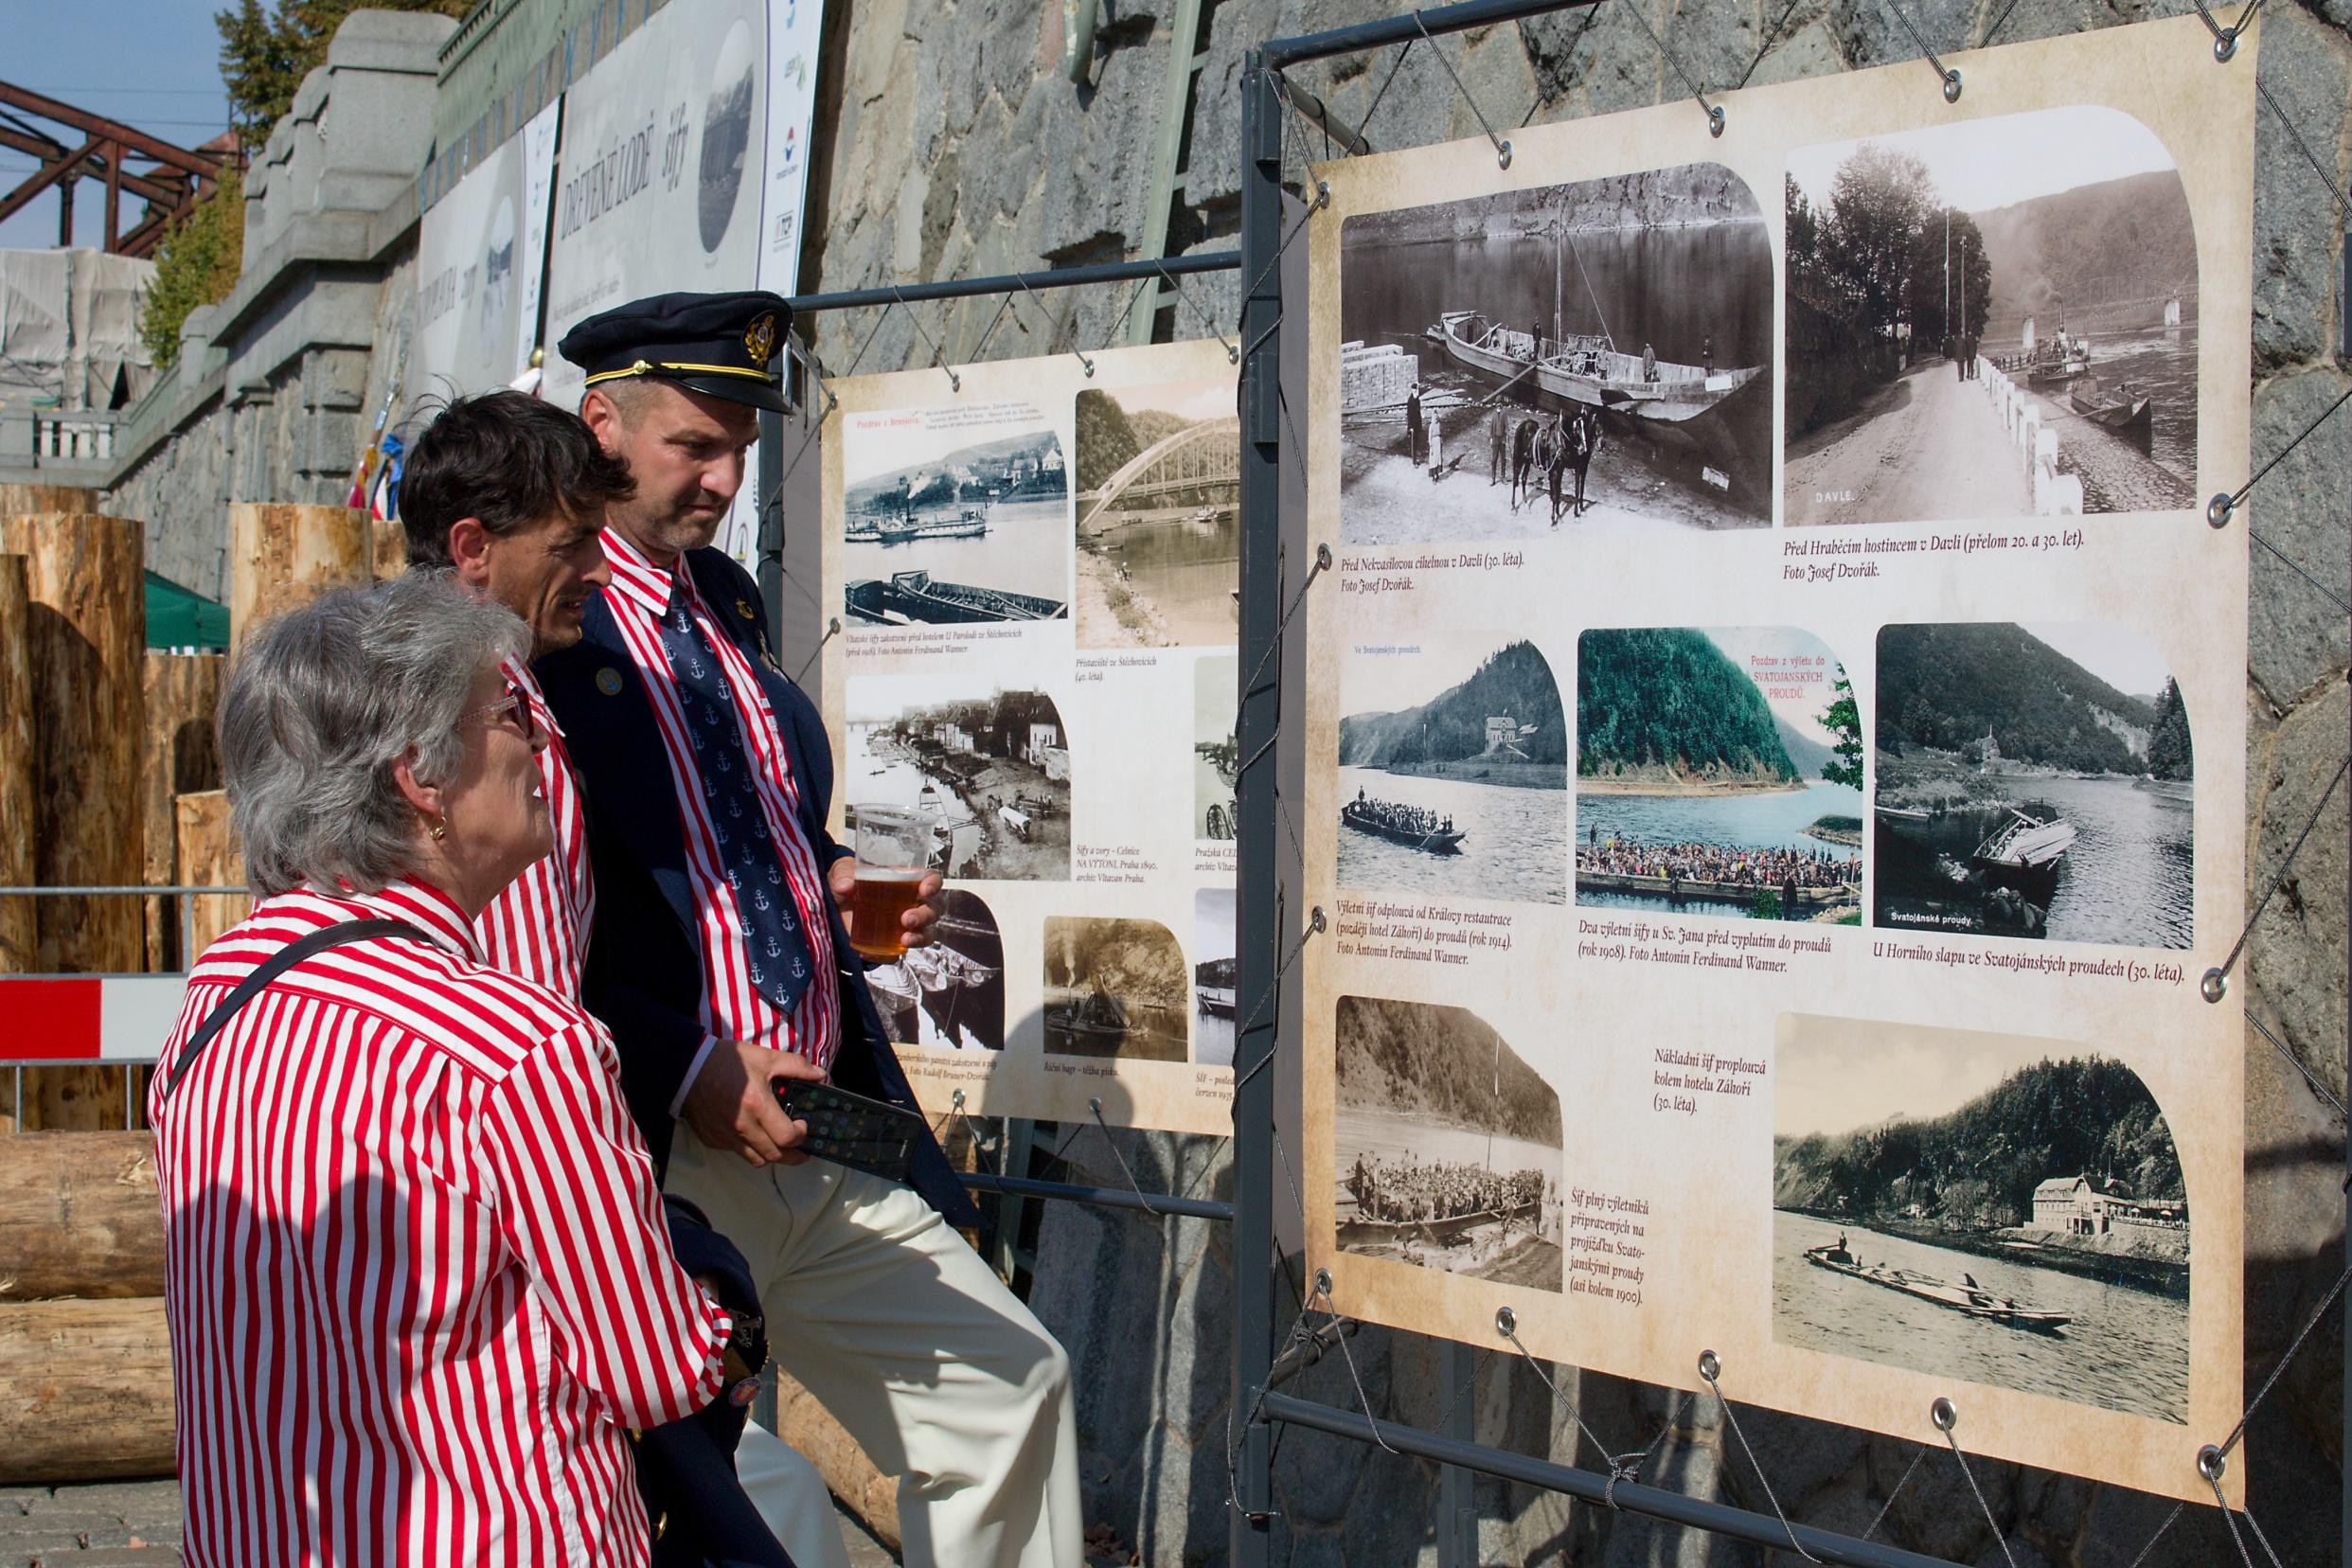 Spolek Vltavan - žehnání replice šífu